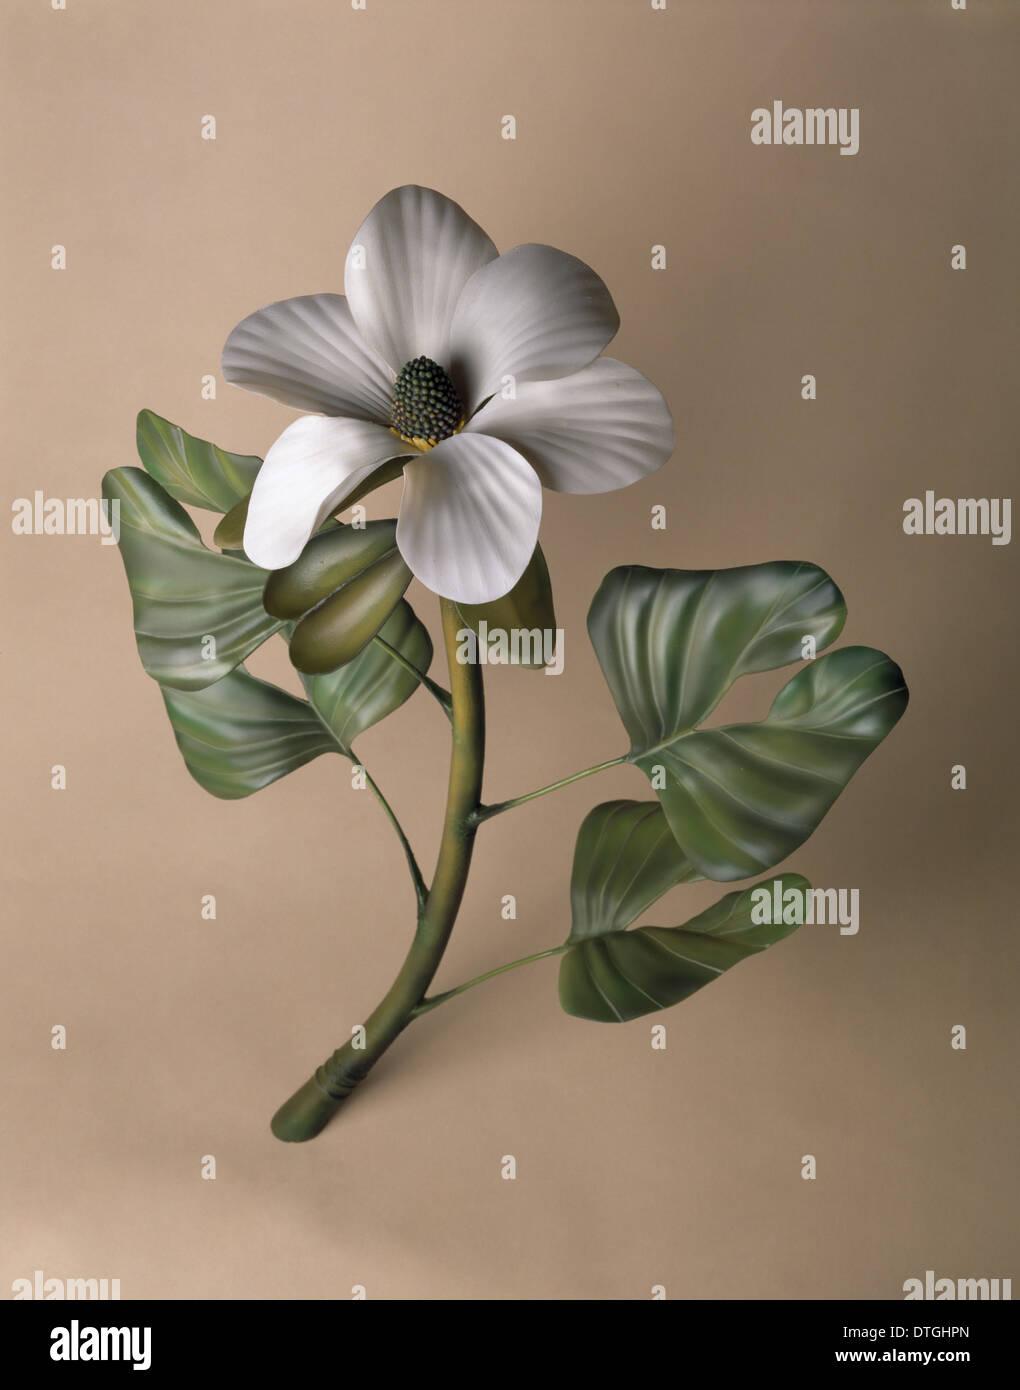 Modèle de plante à floraison hâtive. Photo Stock